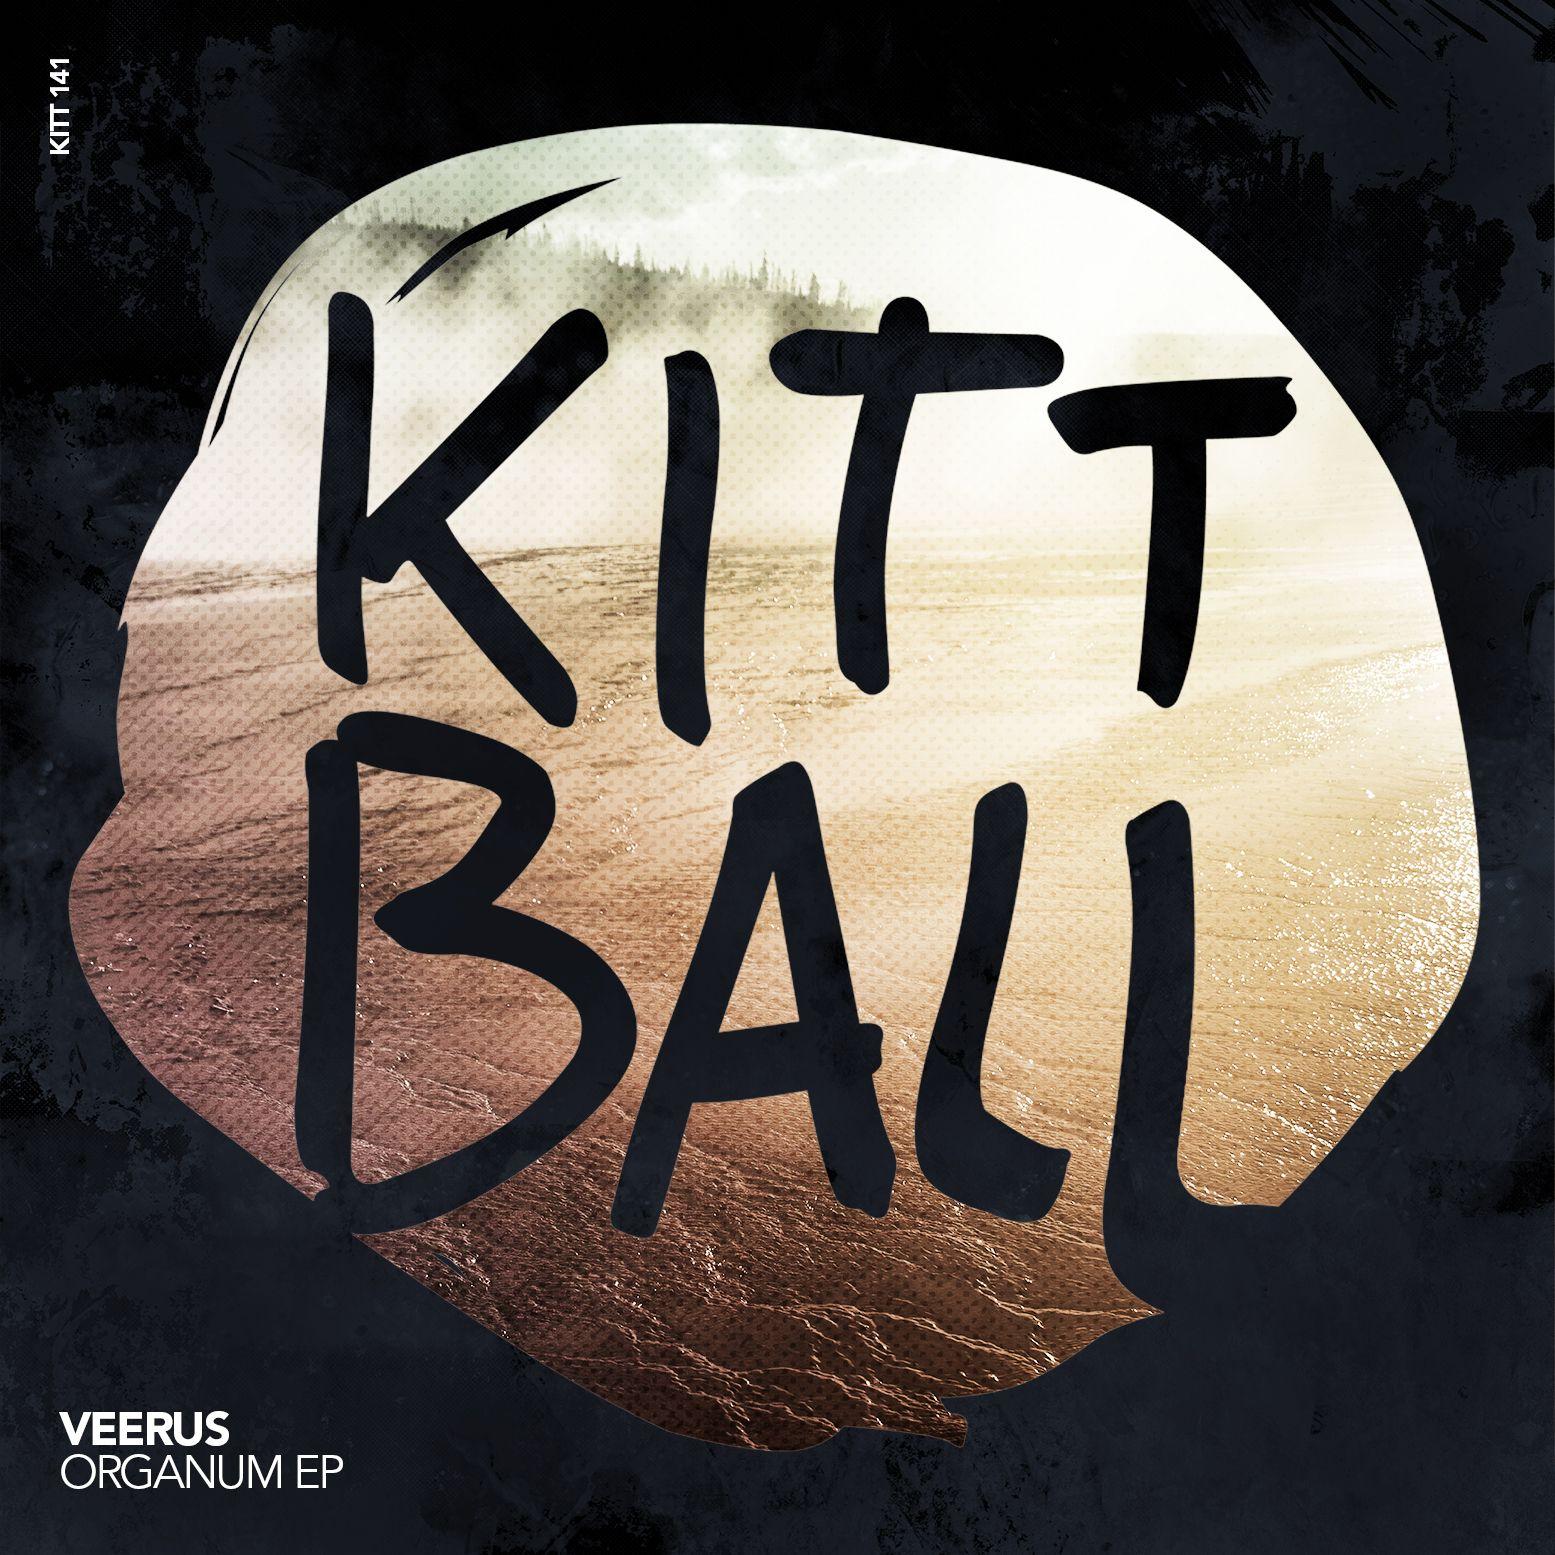 kitt141_veerus_cover_3000.jpg